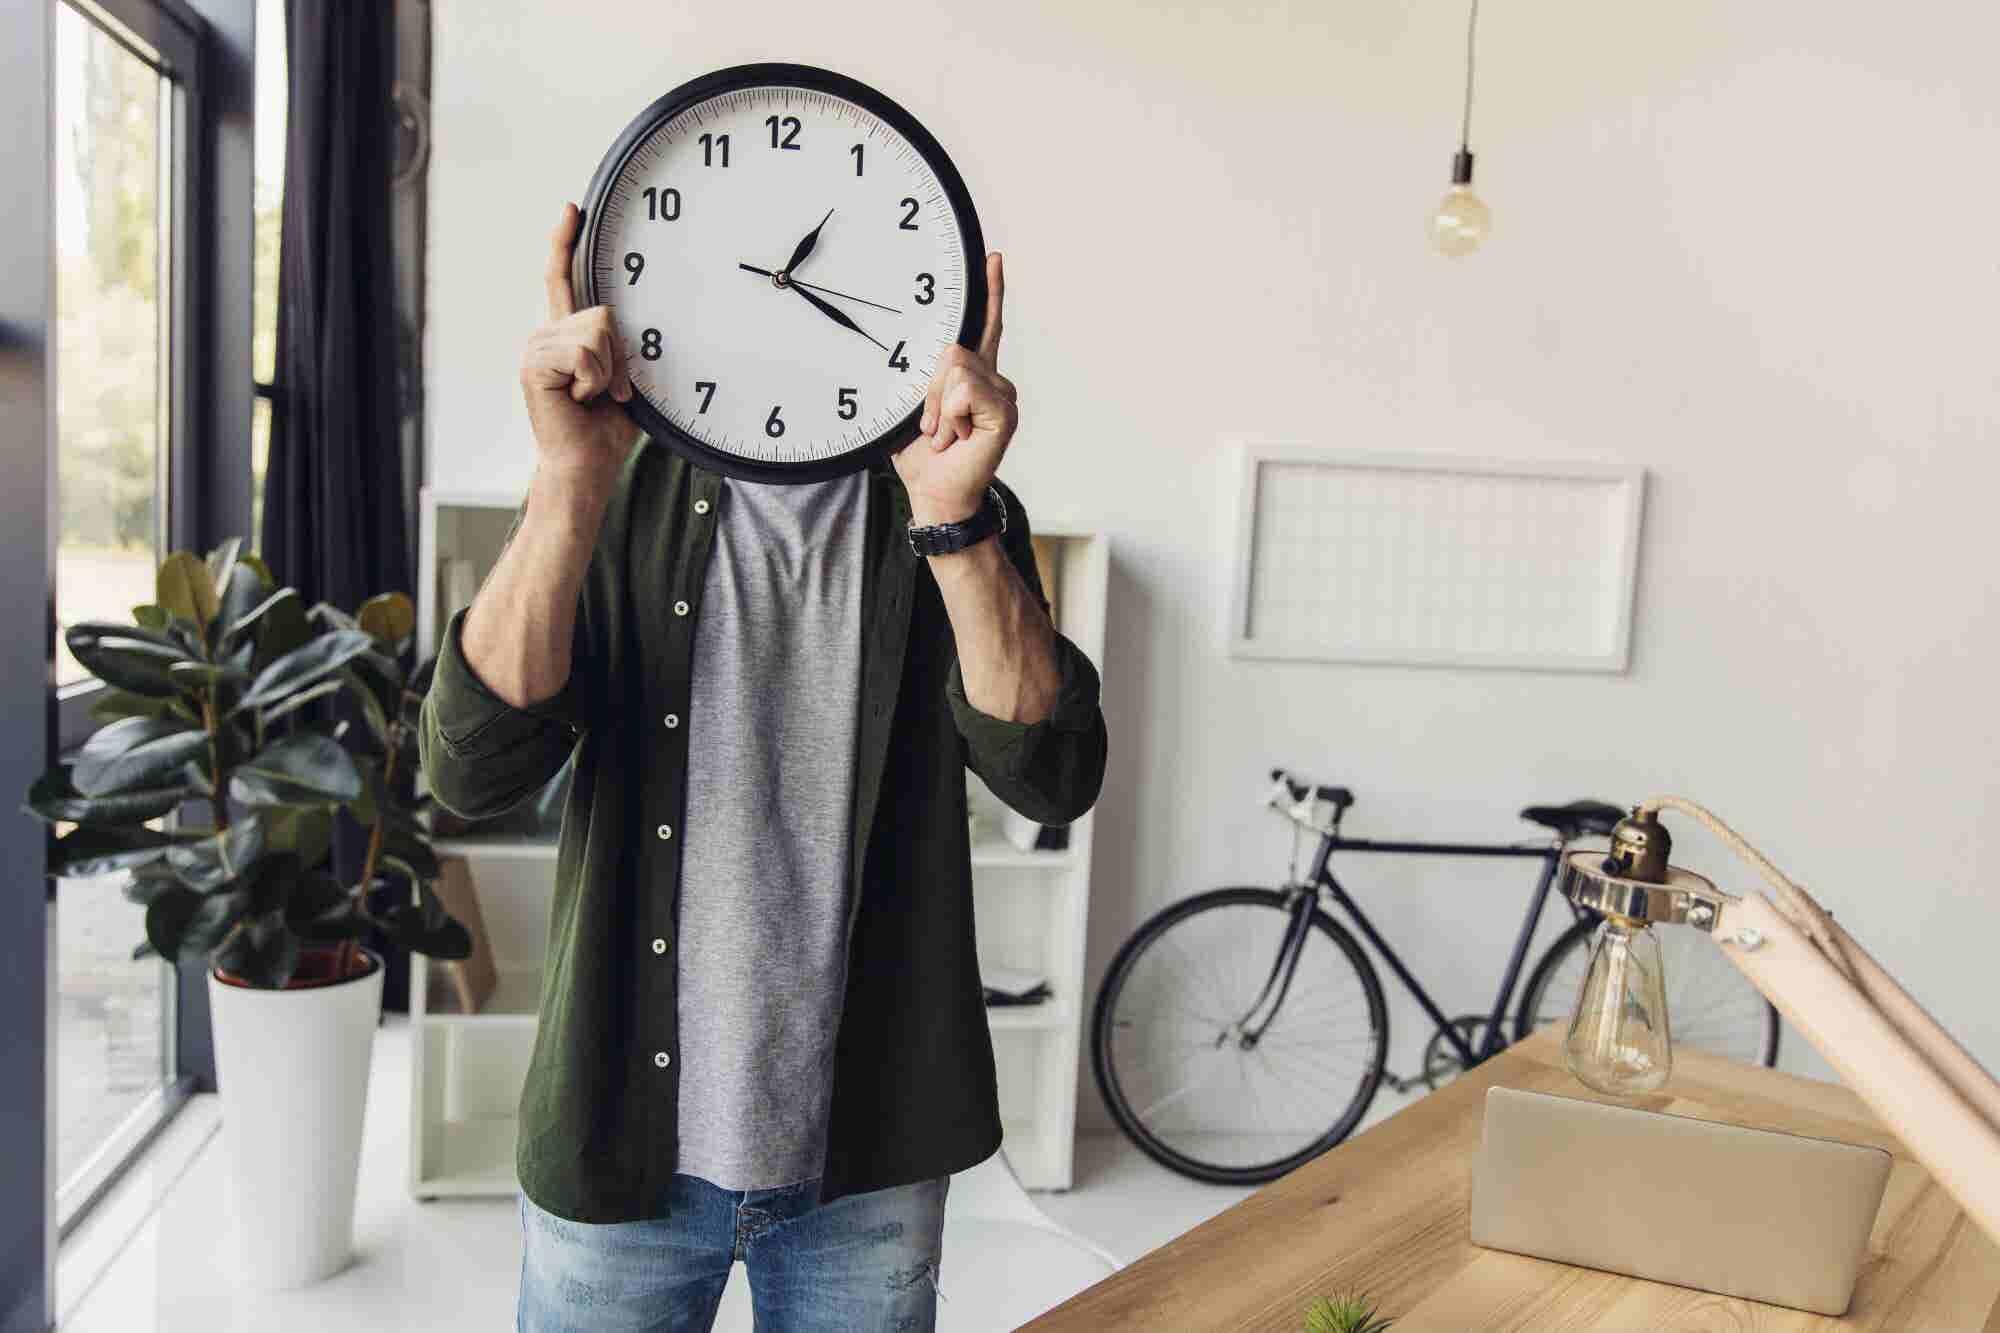 ¡Aprovecha tu tiempo al máximo! Aquí 4 formas para lograrlo